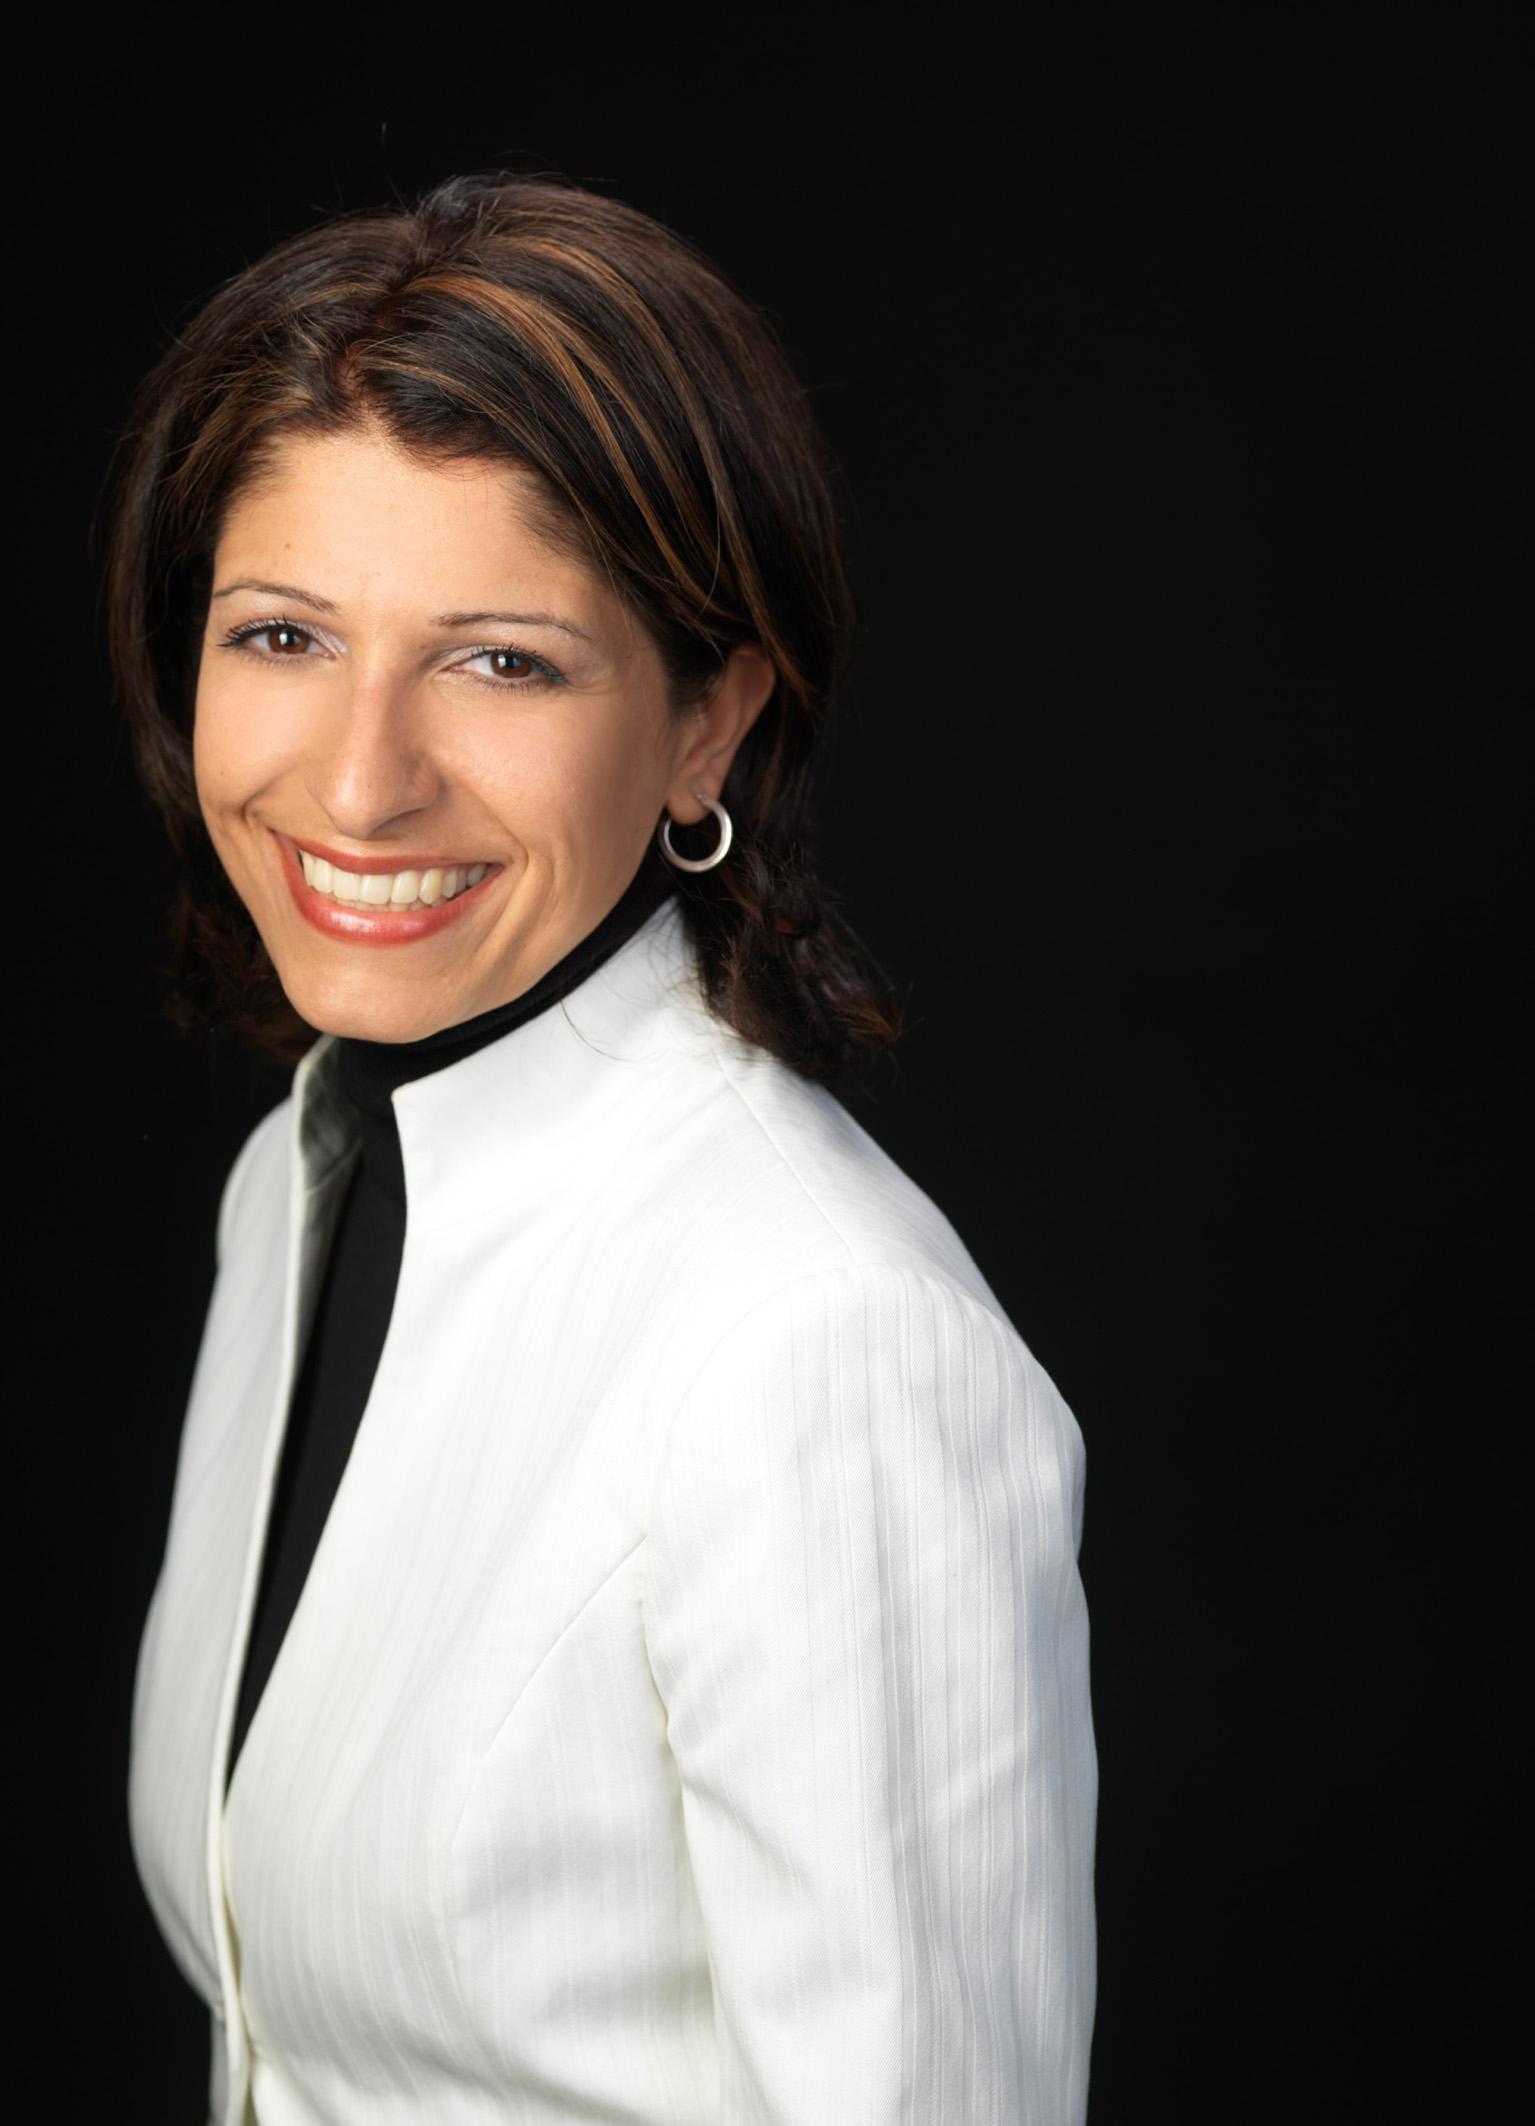 Gabrielle Costigan